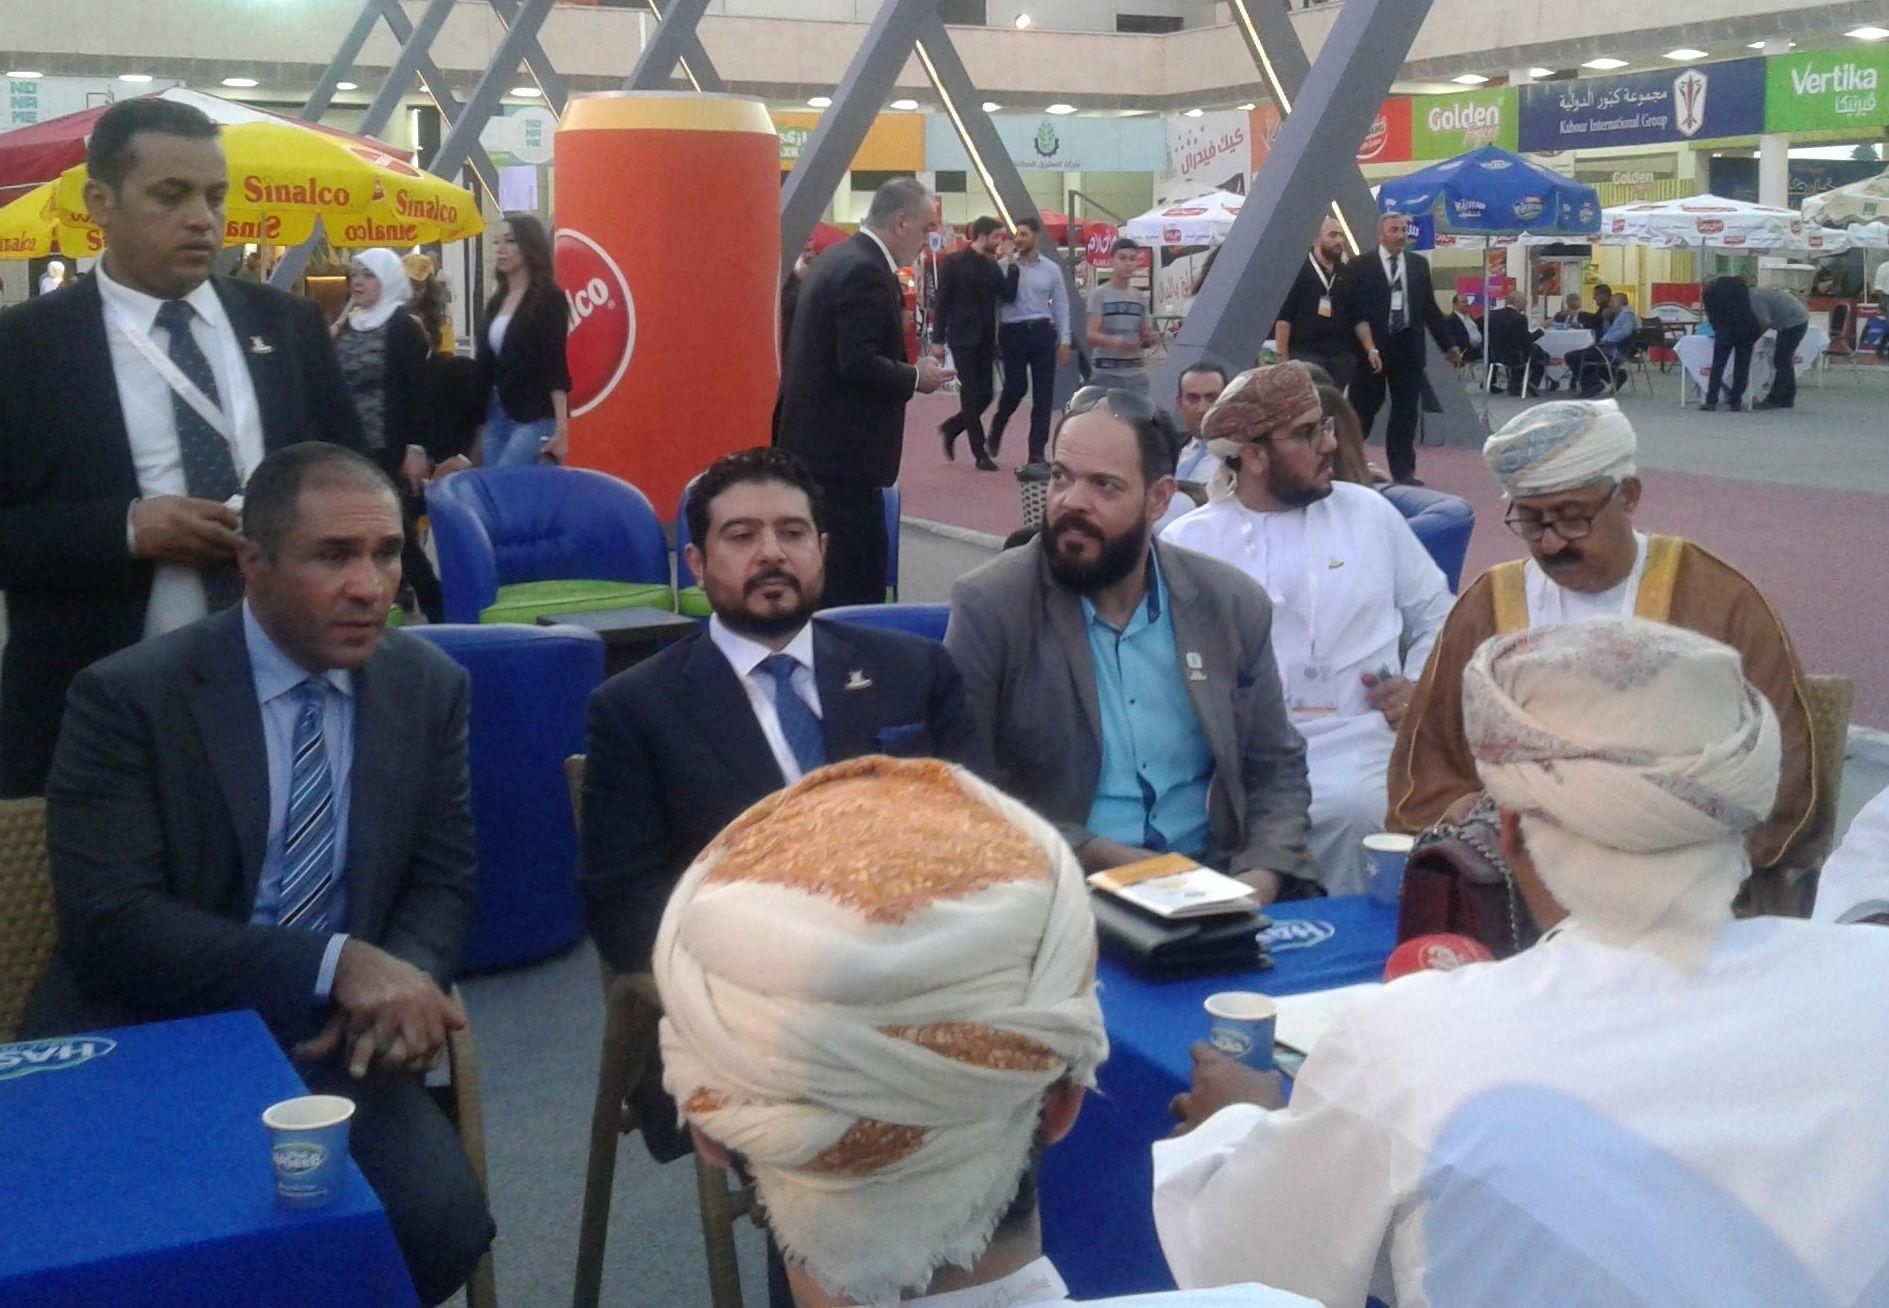 لقاء الوفد العماني مع رئيس غرف الصناعة السورية في معرض دمشق الدولي